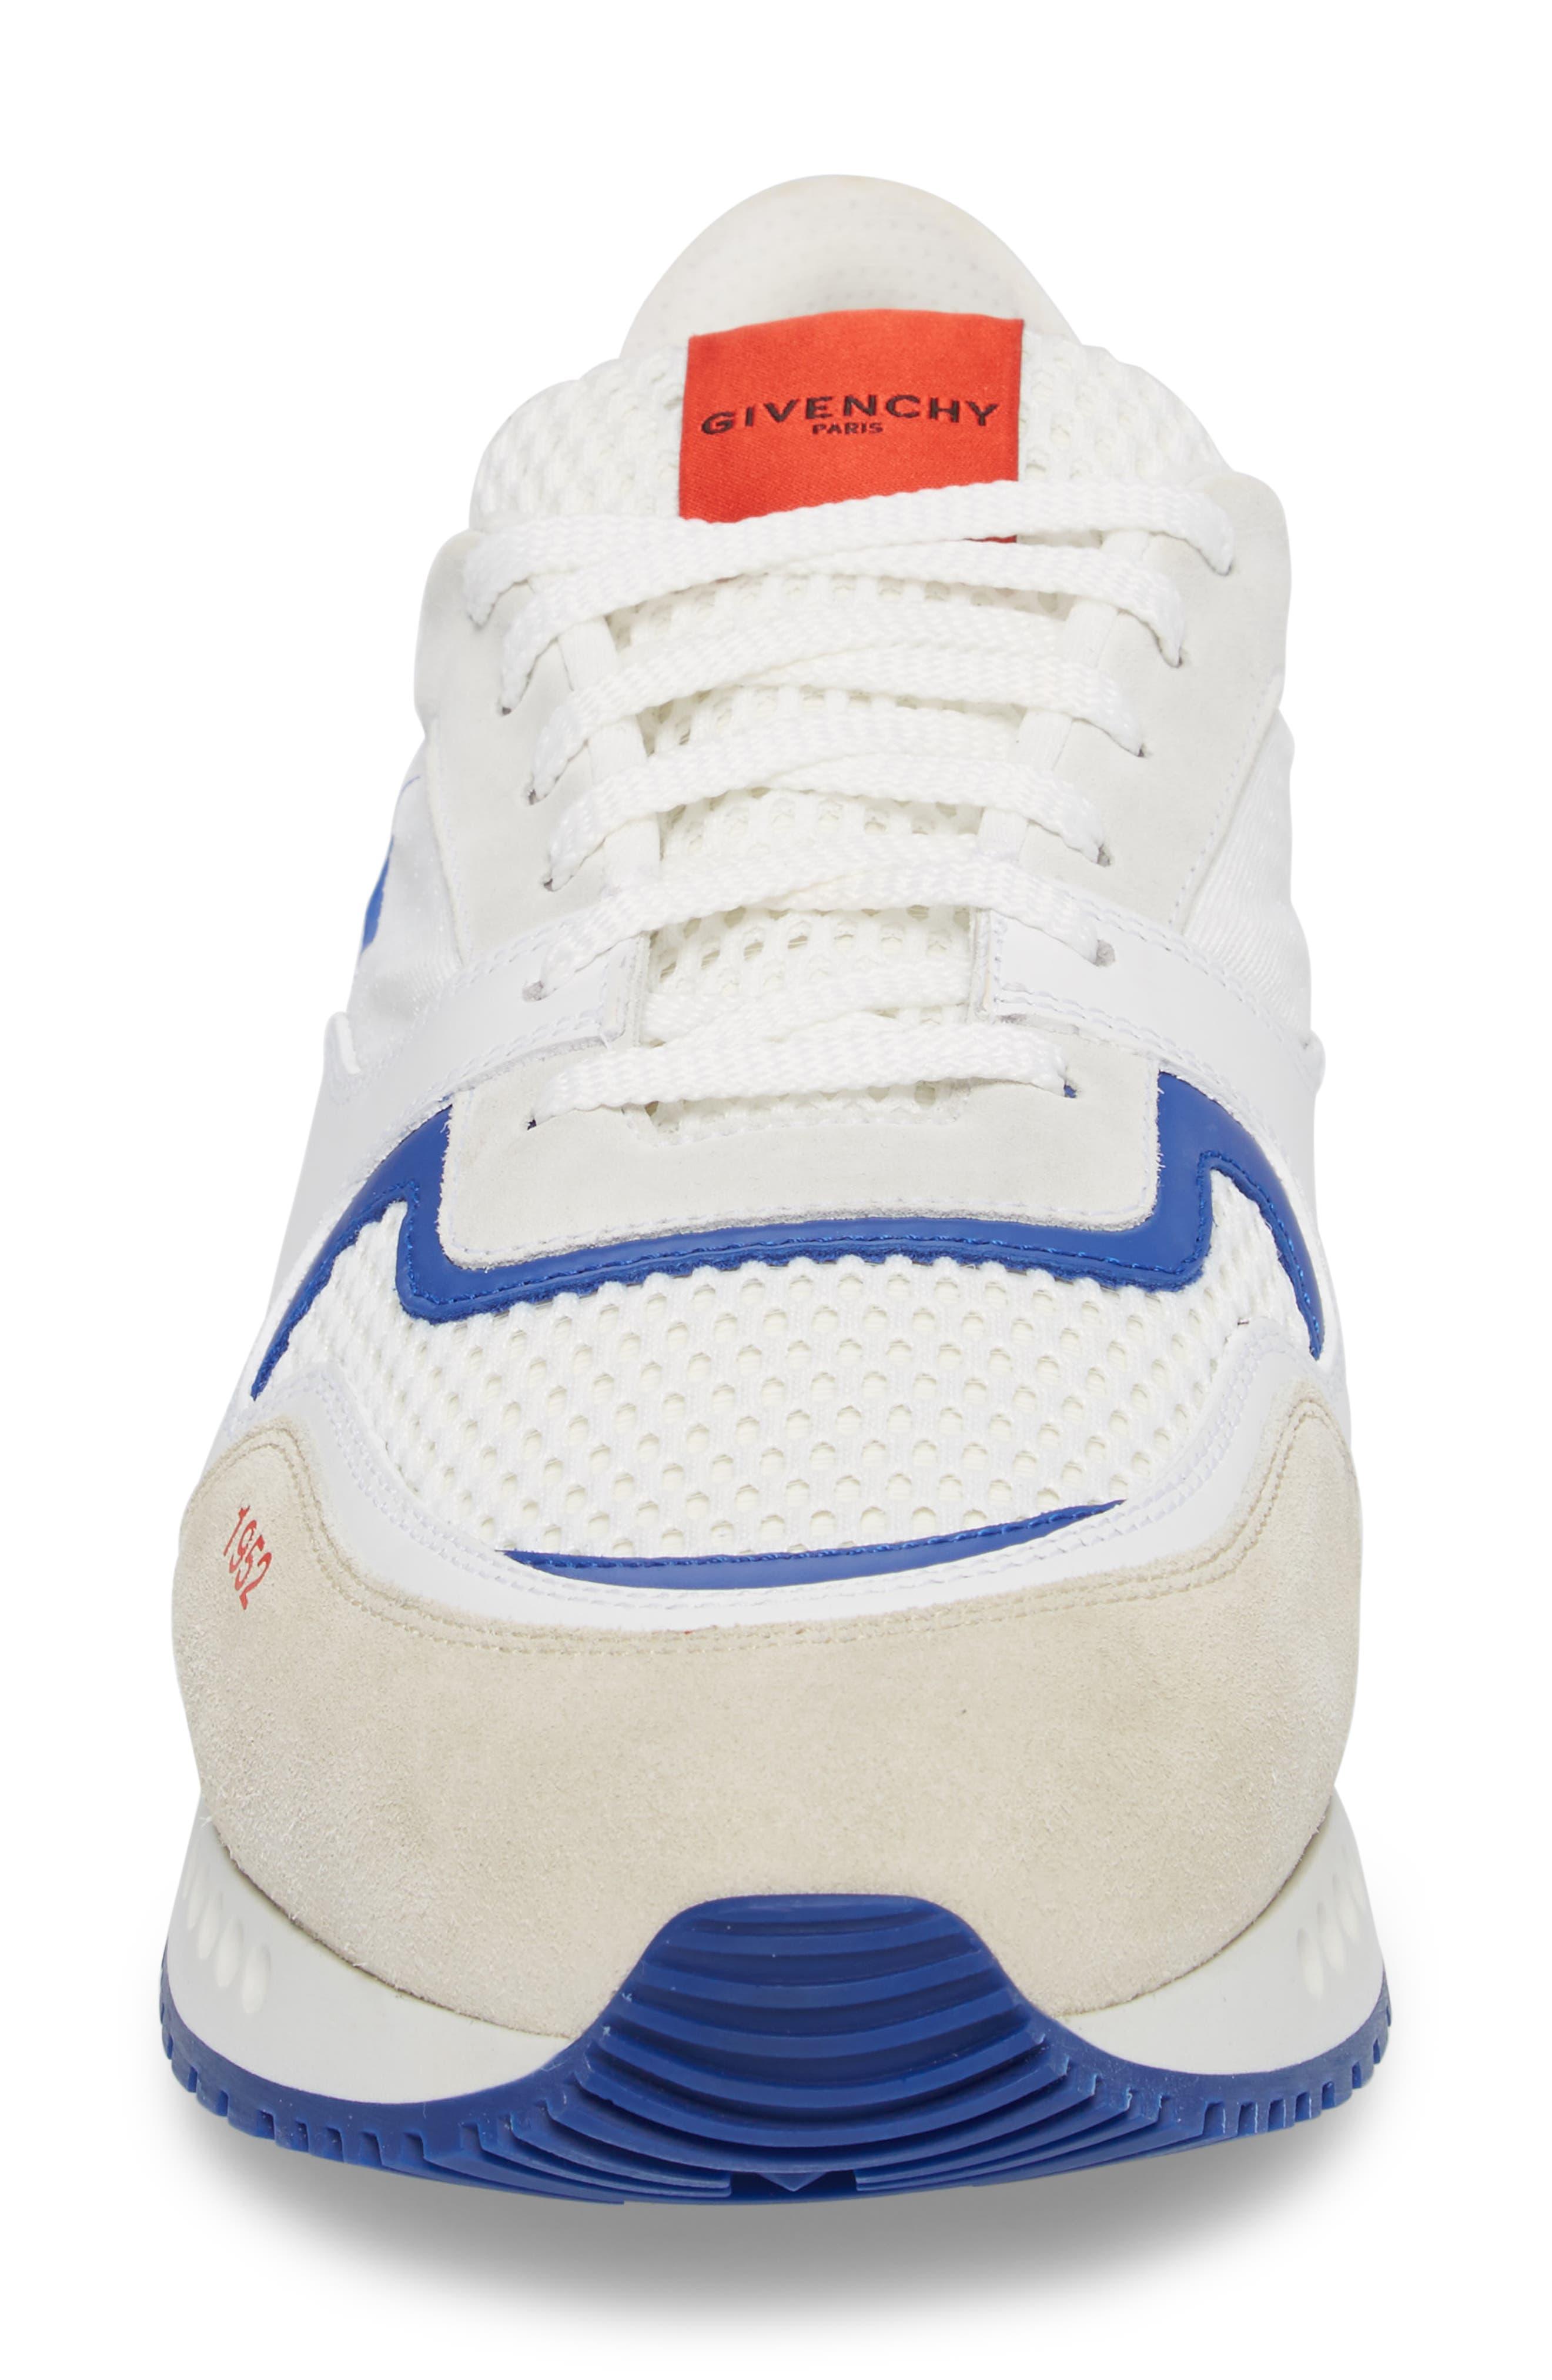 1952 Star Active Runner Sneaker,                             Alternate thumbnail 4, color,                             White/ Red